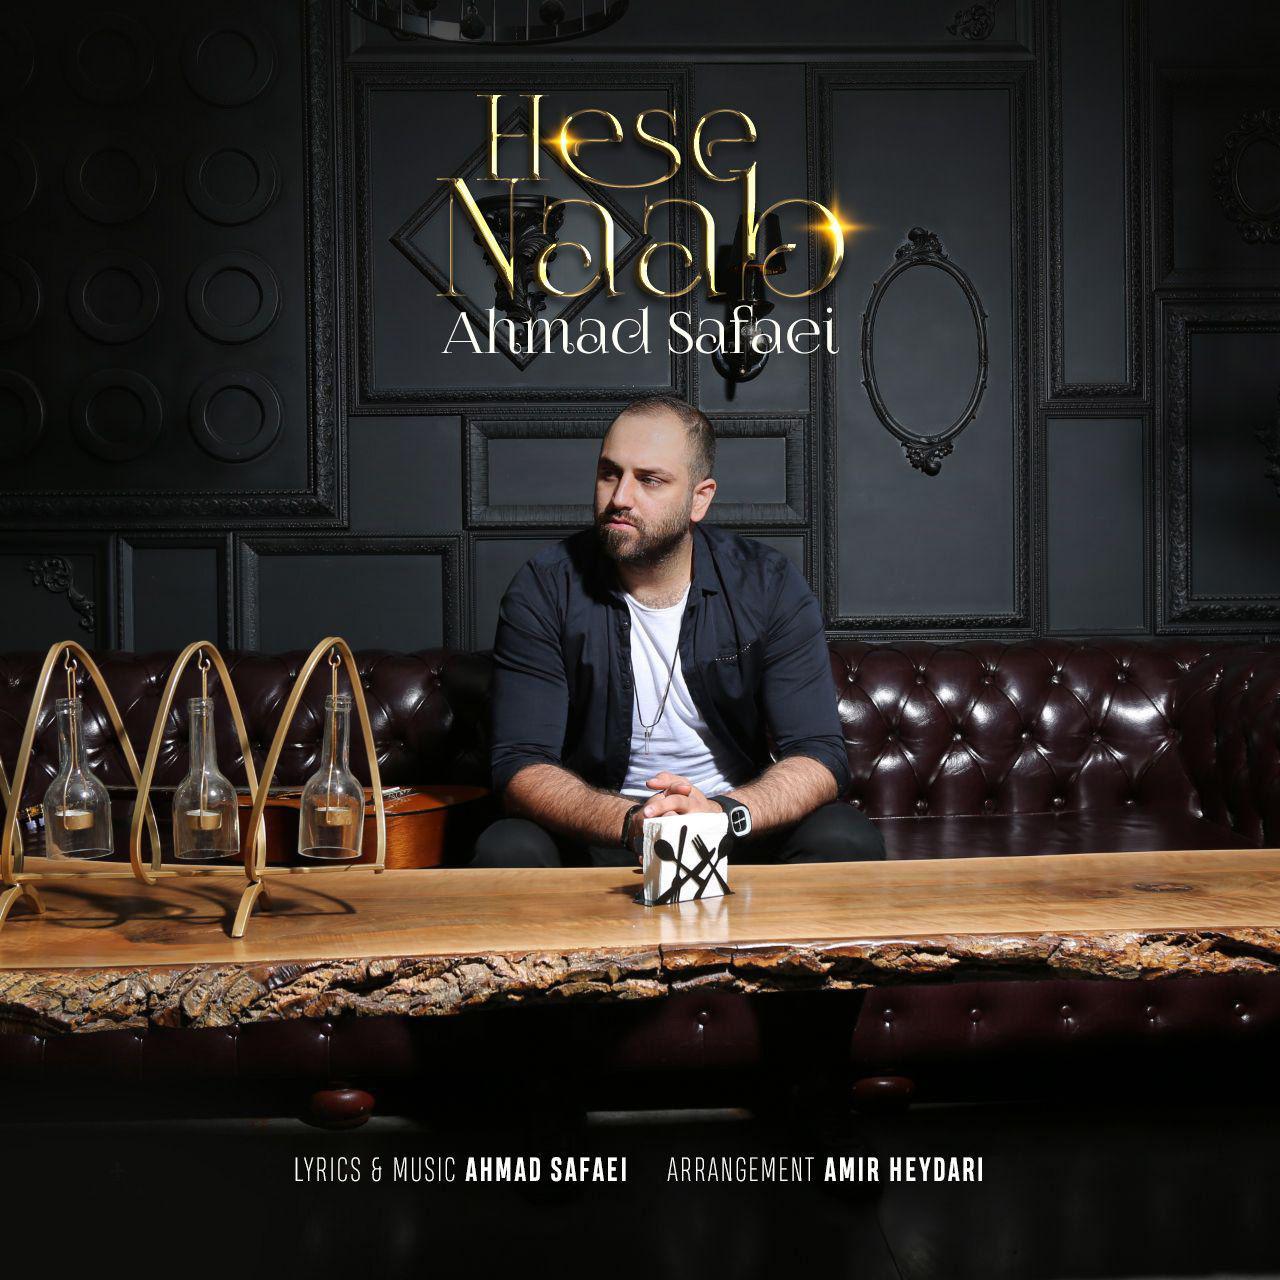 دانلود آهنگ جدید احمد صفایی بنام حس ناب